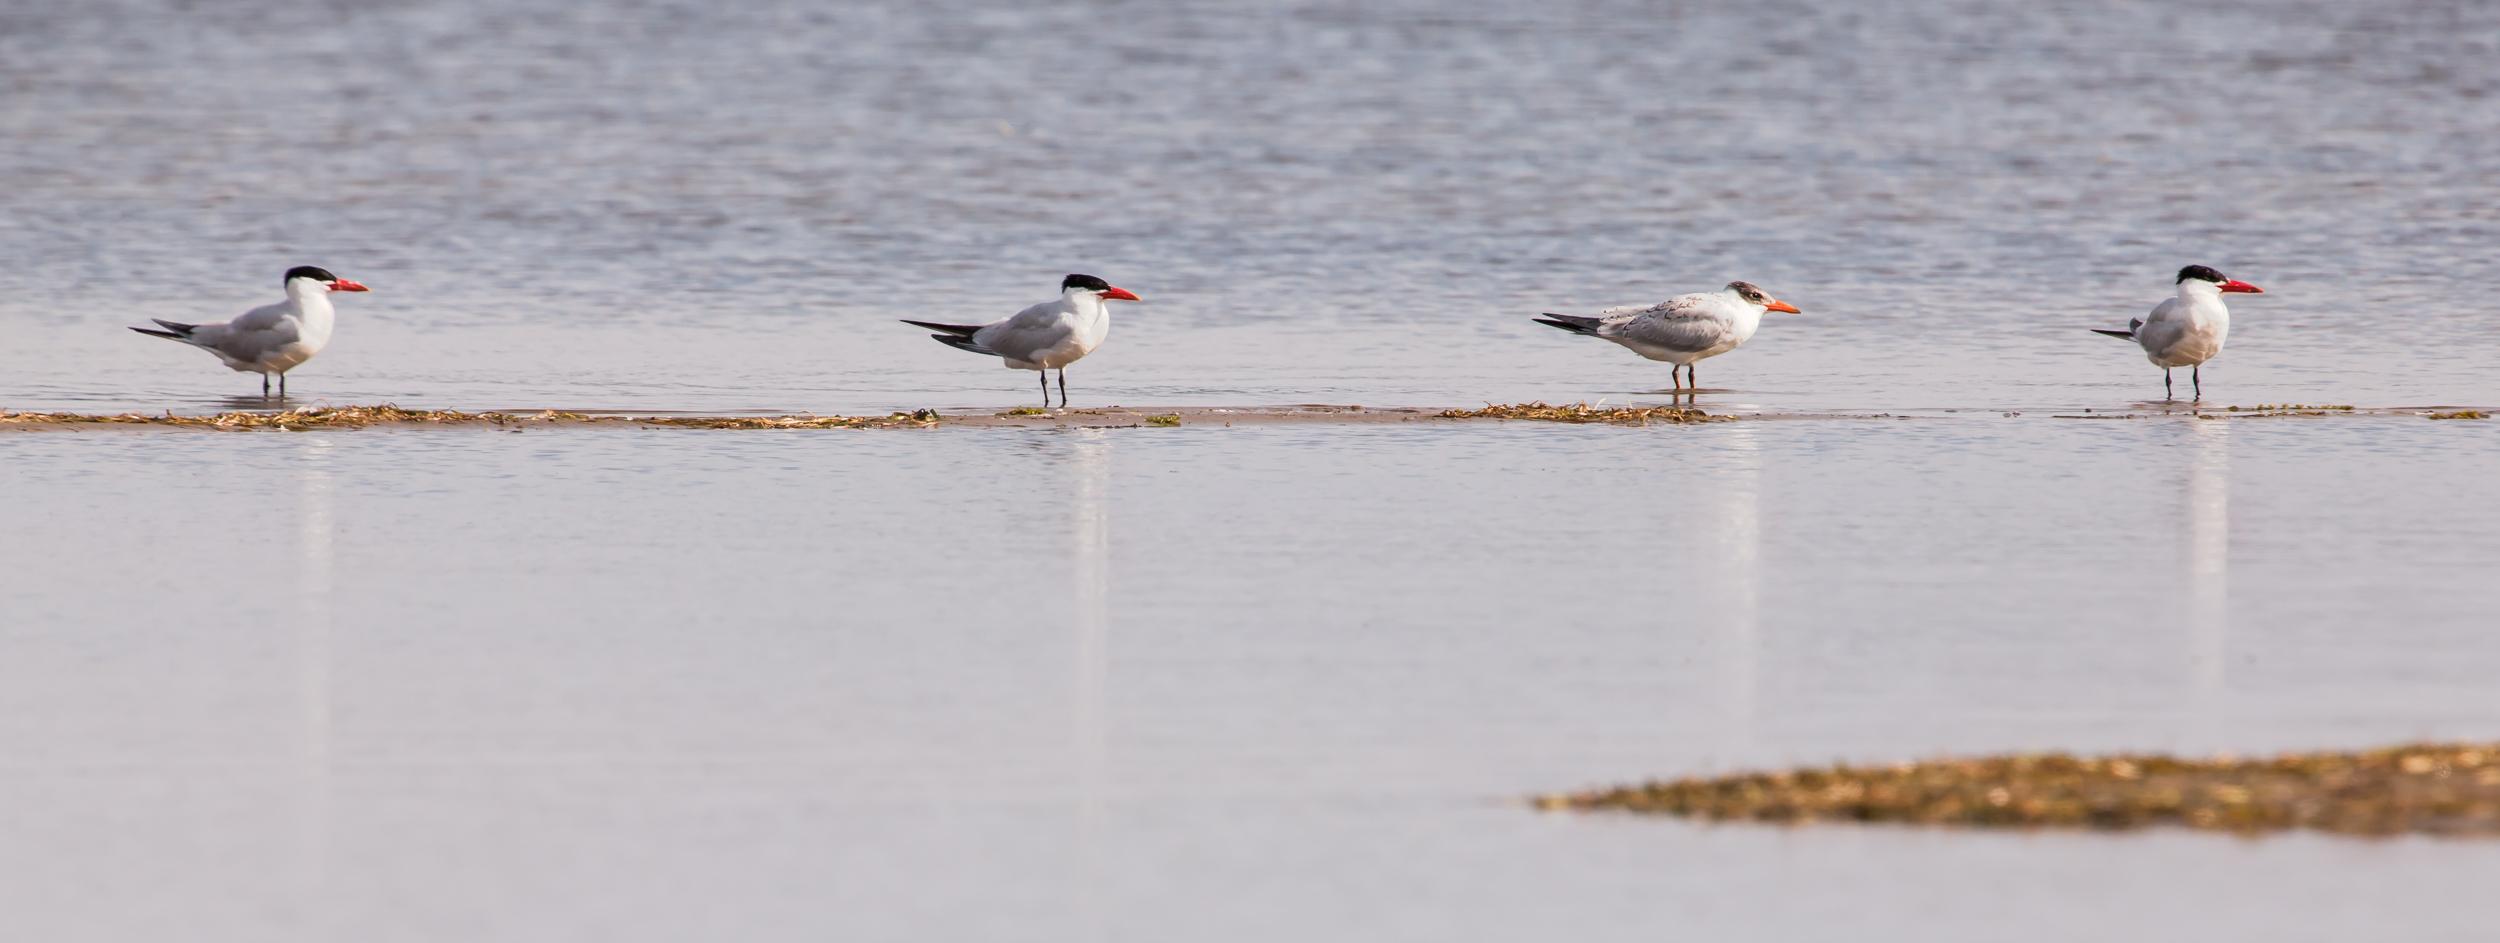 Caspien Gulls in Formation